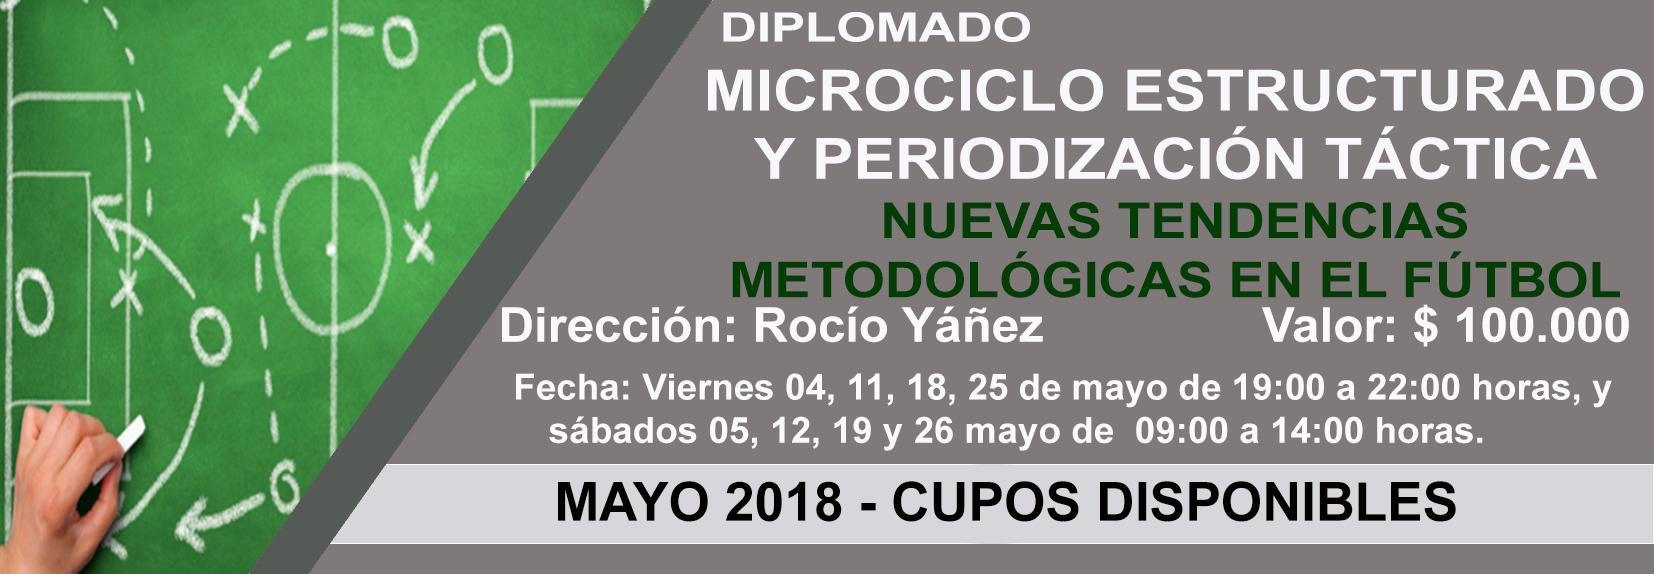 DIPLOMADO-MCE-y-PT-1